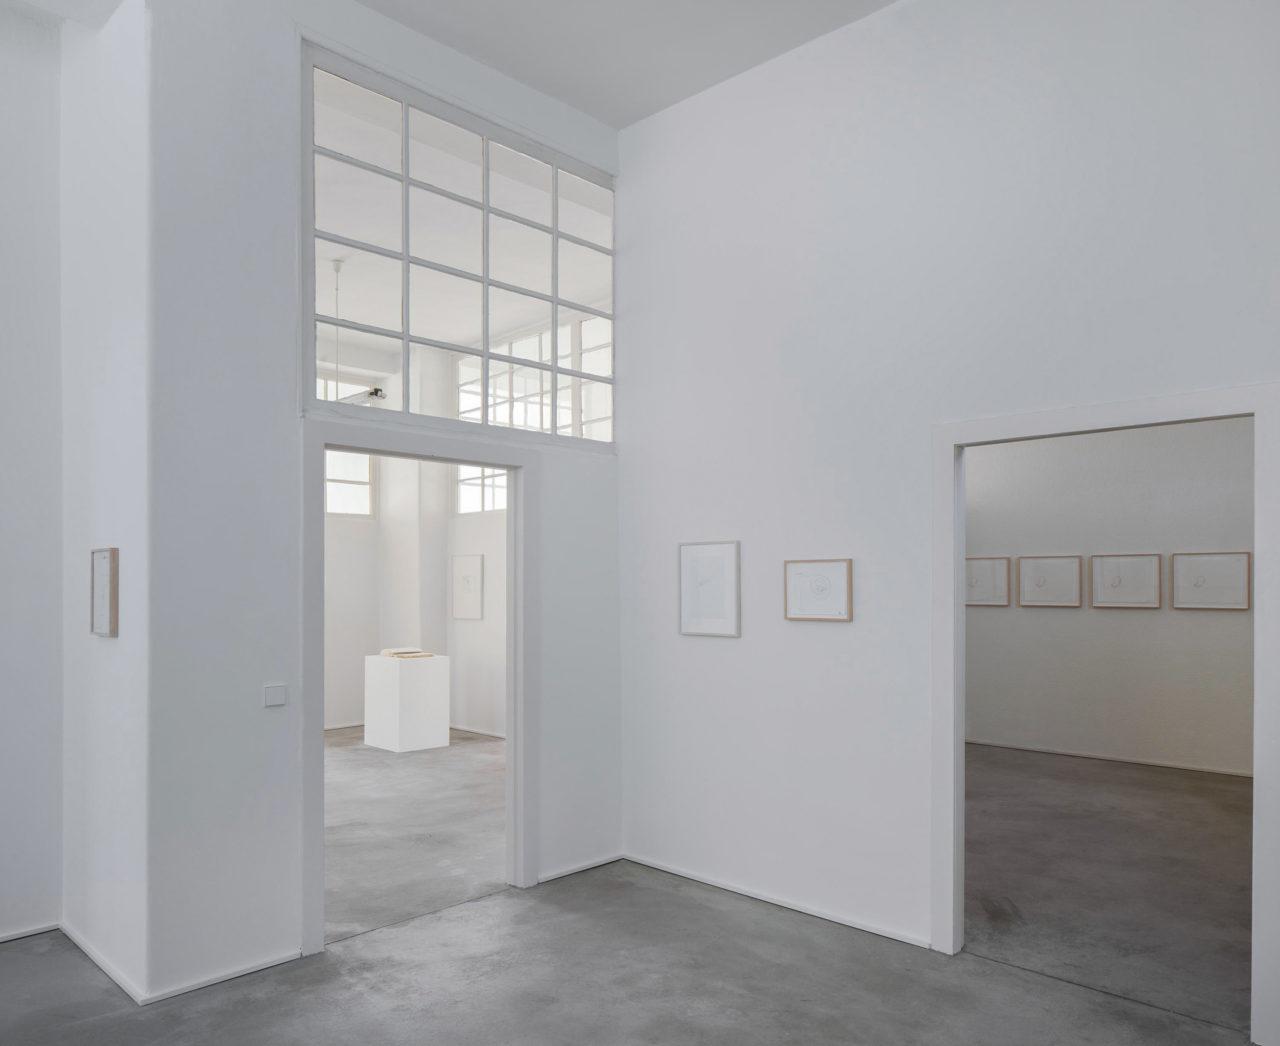 Paperwork: Papierarbeiten aus der Sammlung Haubrok (Installationsansicht)